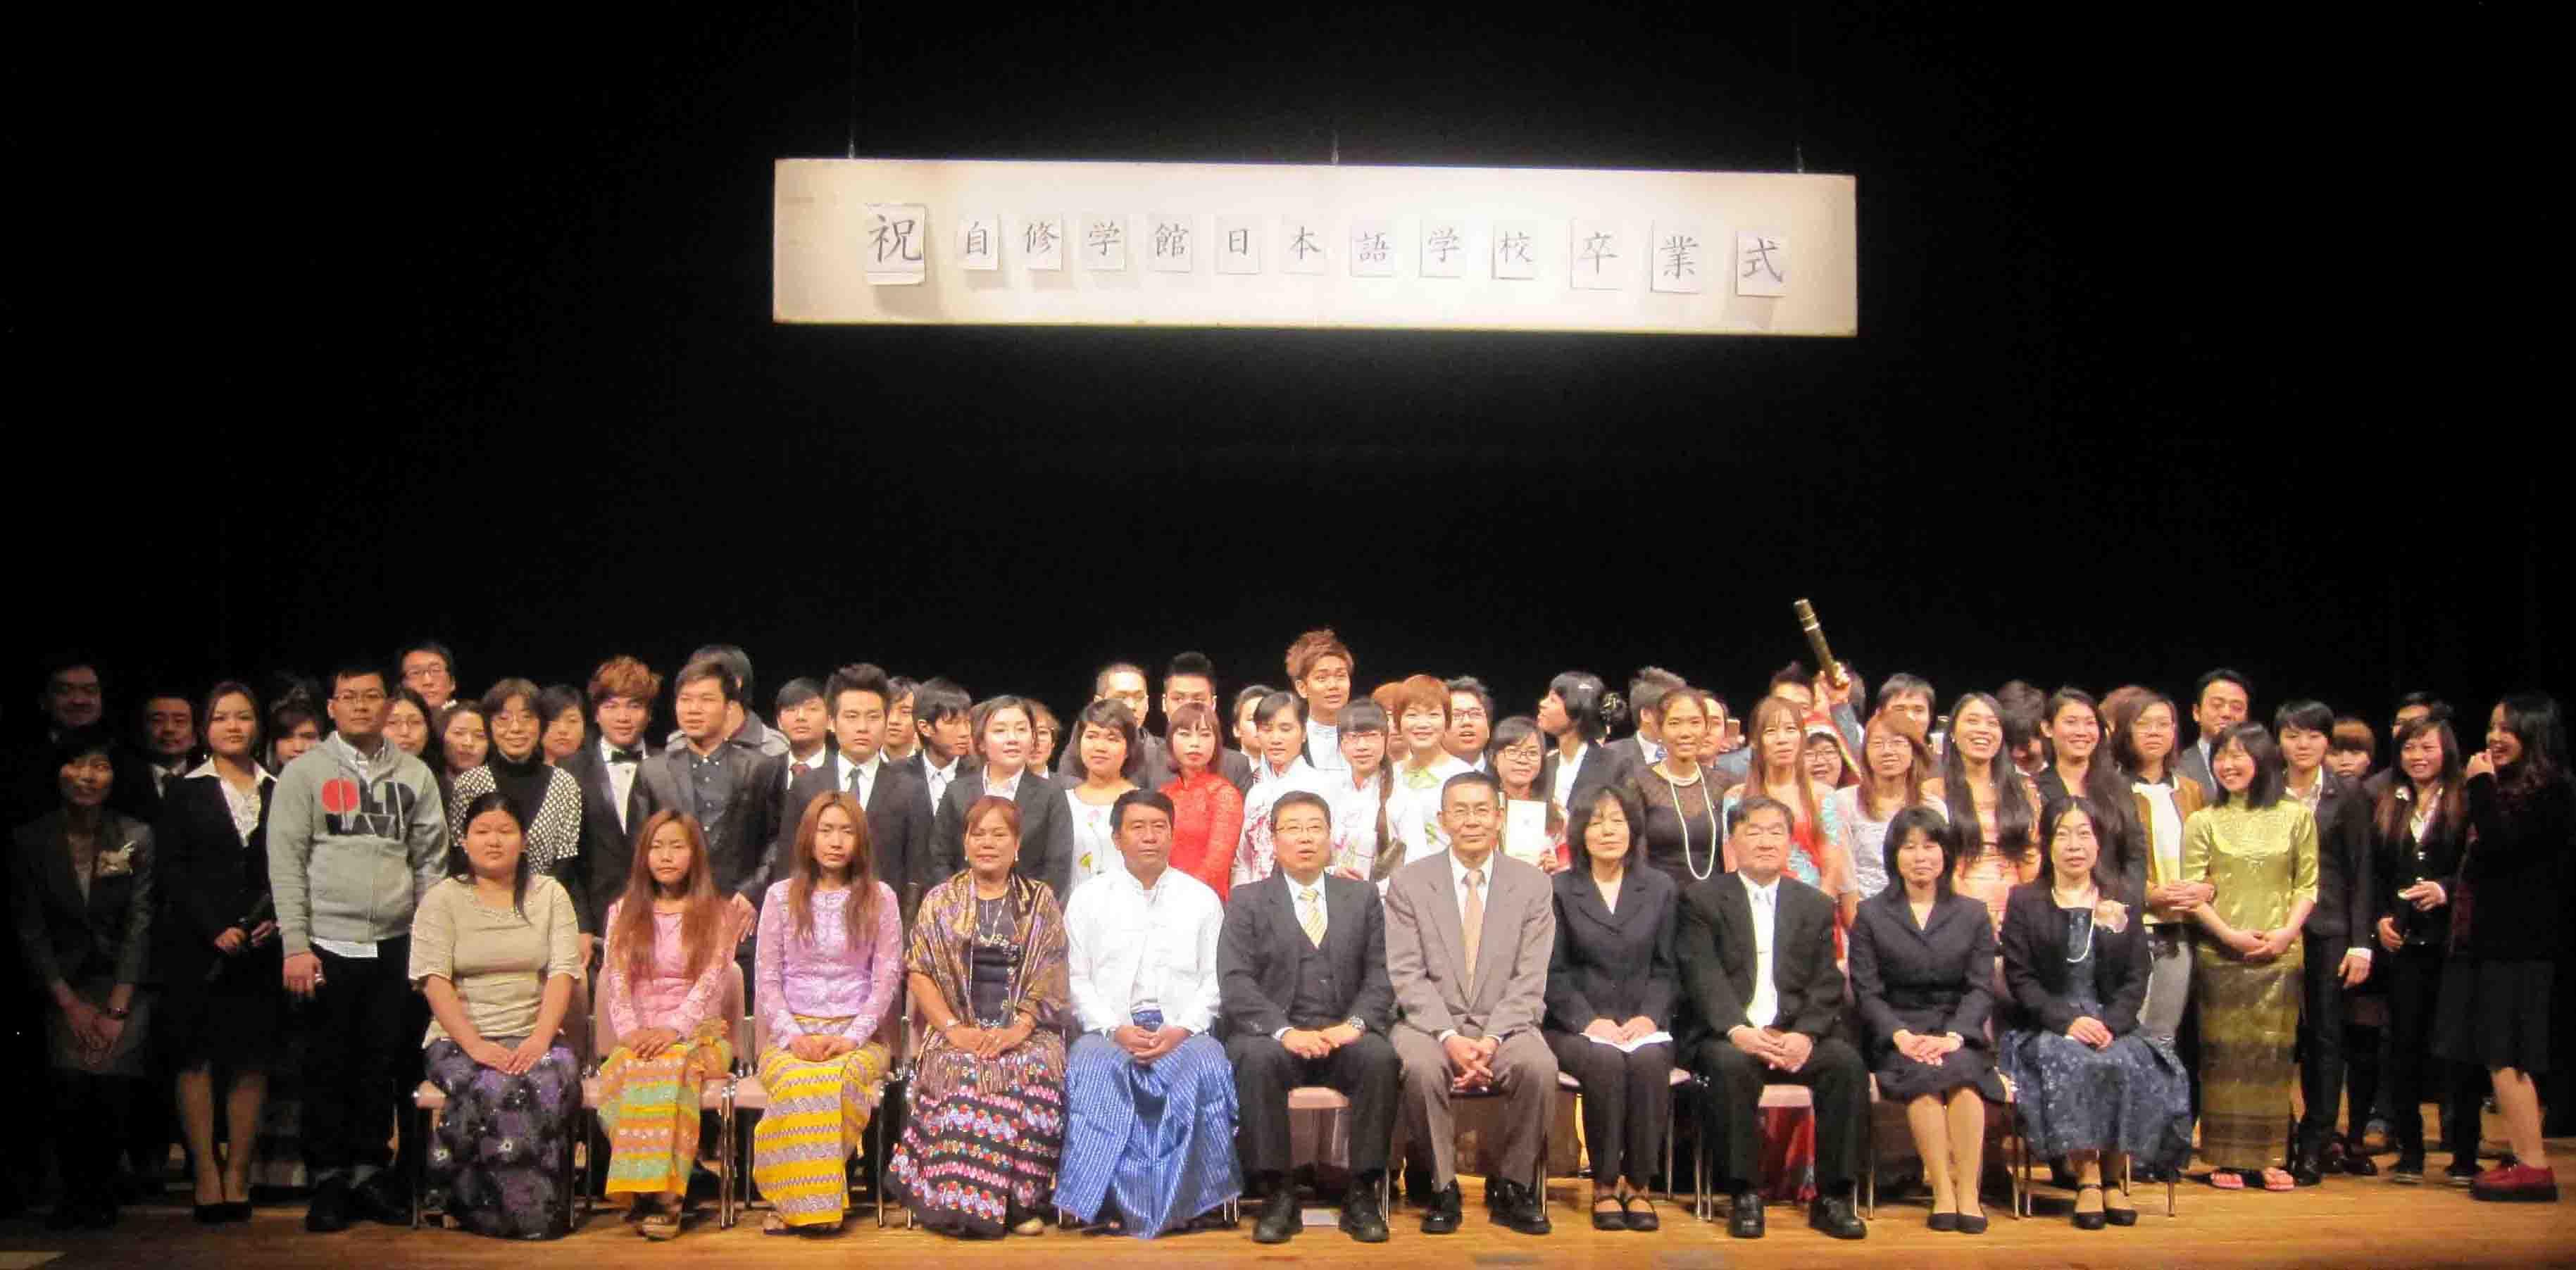 自修学馆日本语学校